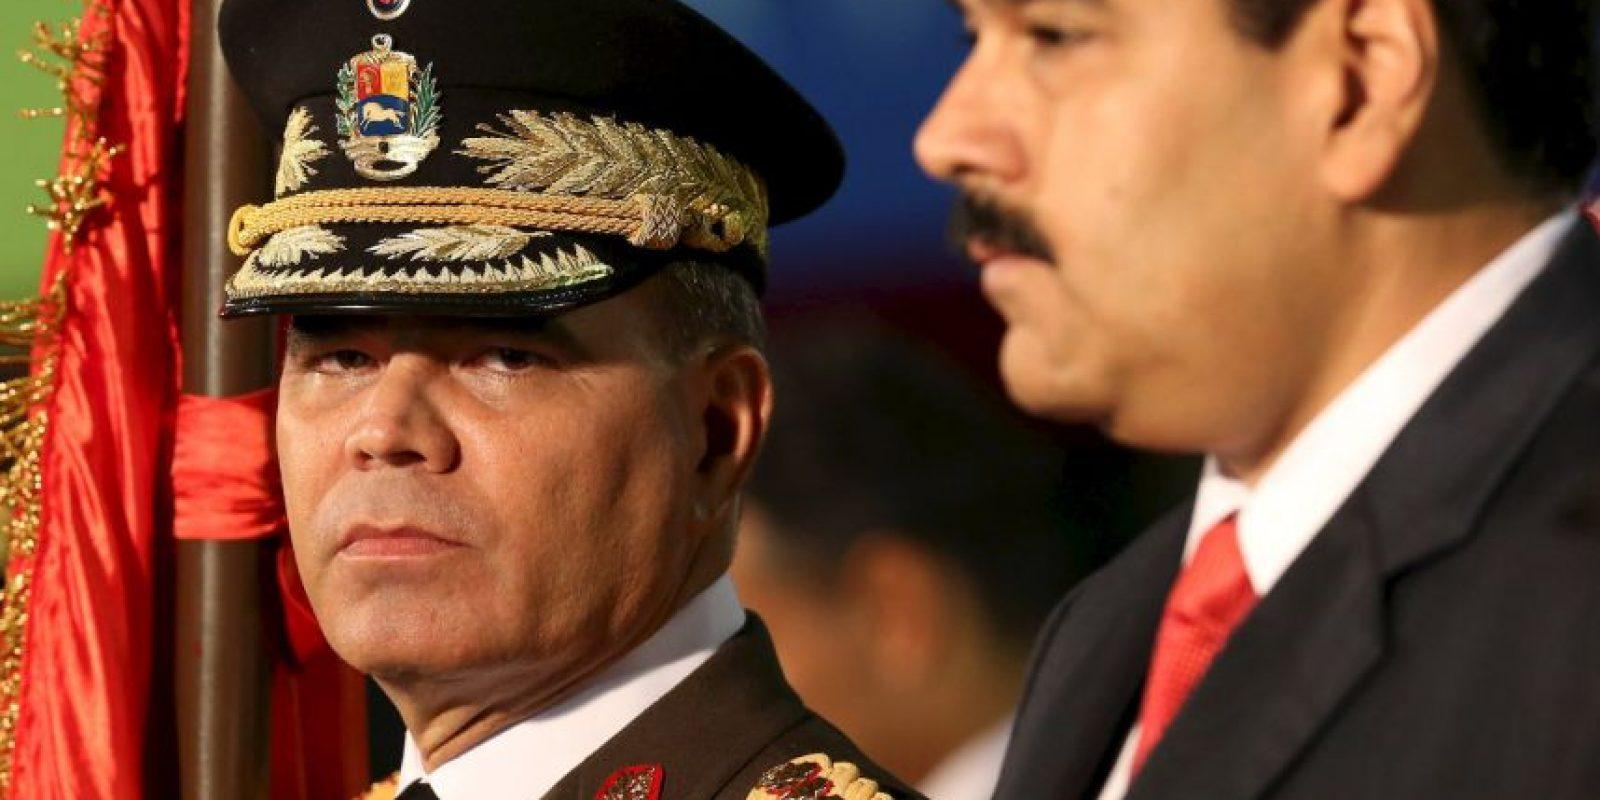 El Gobierno venezolano tendrá que responder por estas acusaciones. Foto:AP